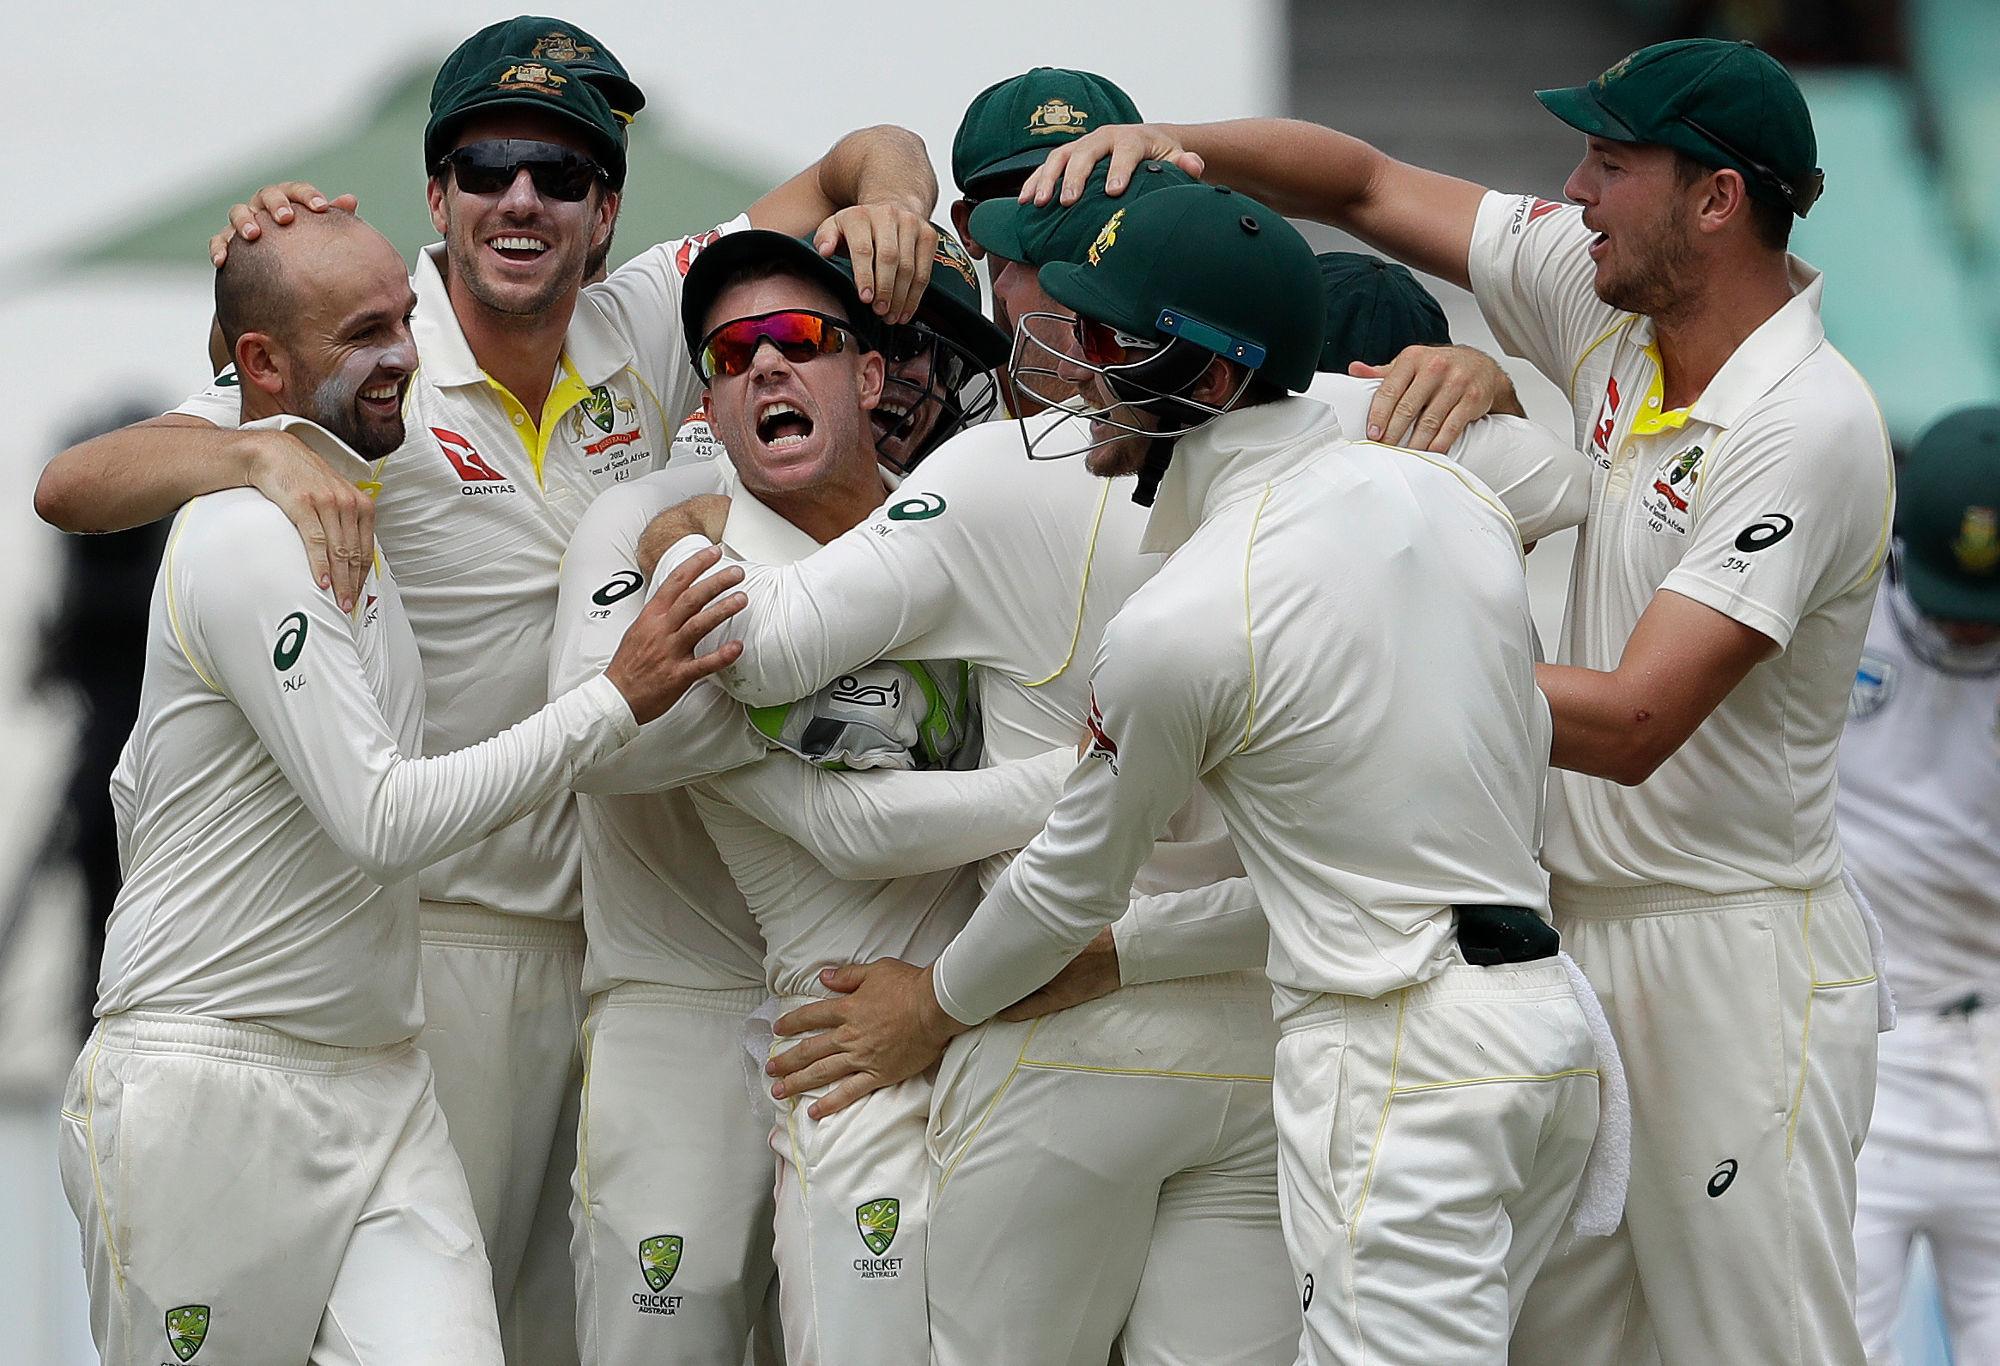 Australia's bowler Nathan Lyon, left, and teammates celebrate